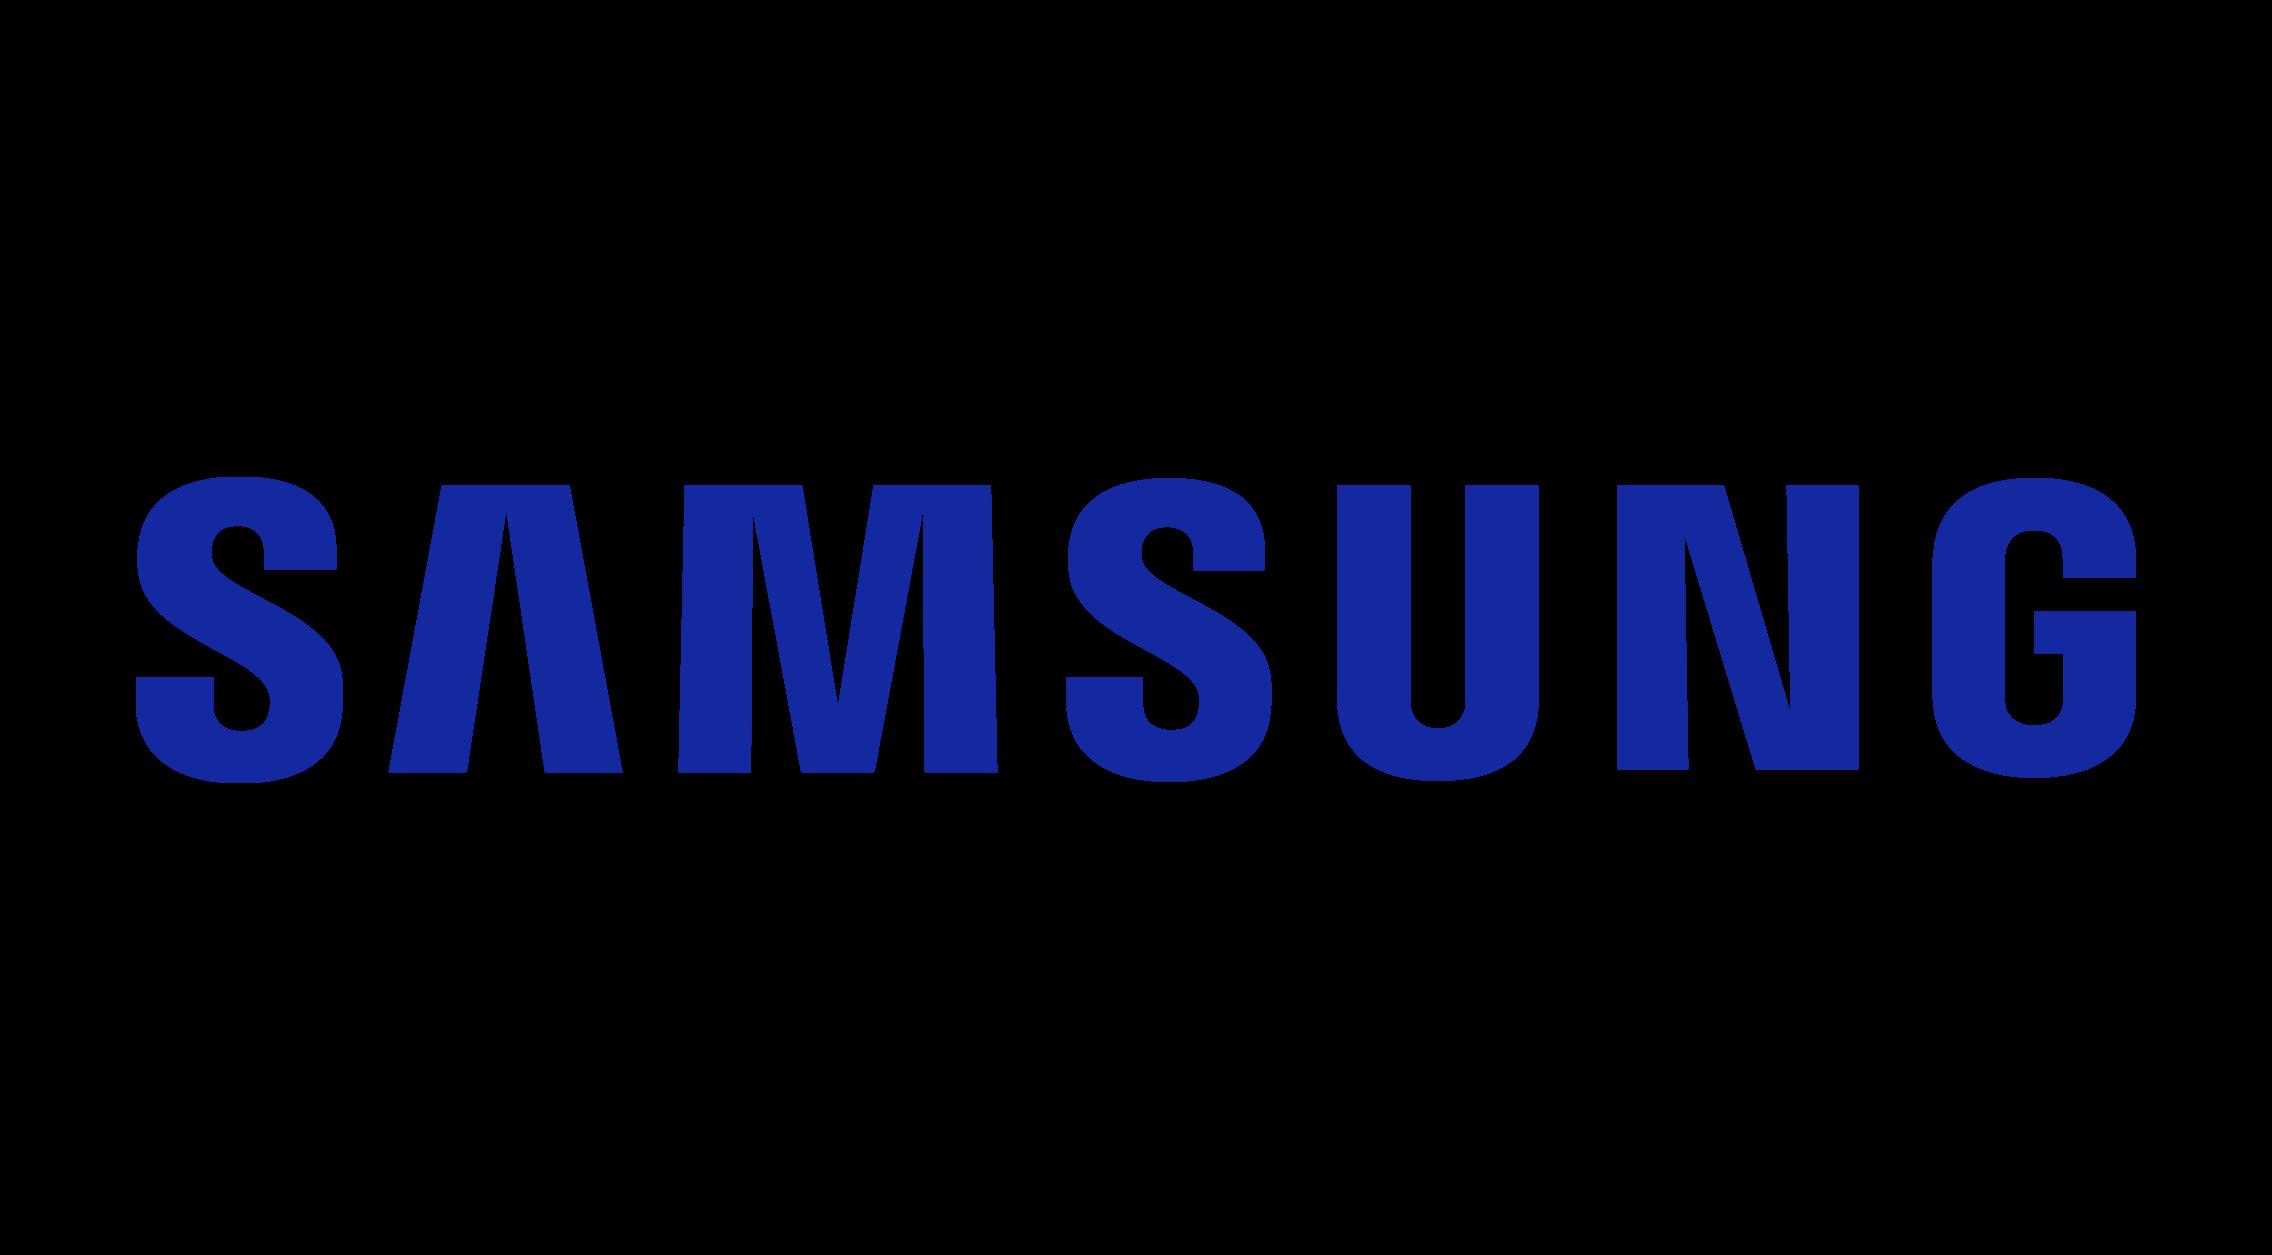 Samsung Electronics ocupa a 7ª posição no ranking Best ...